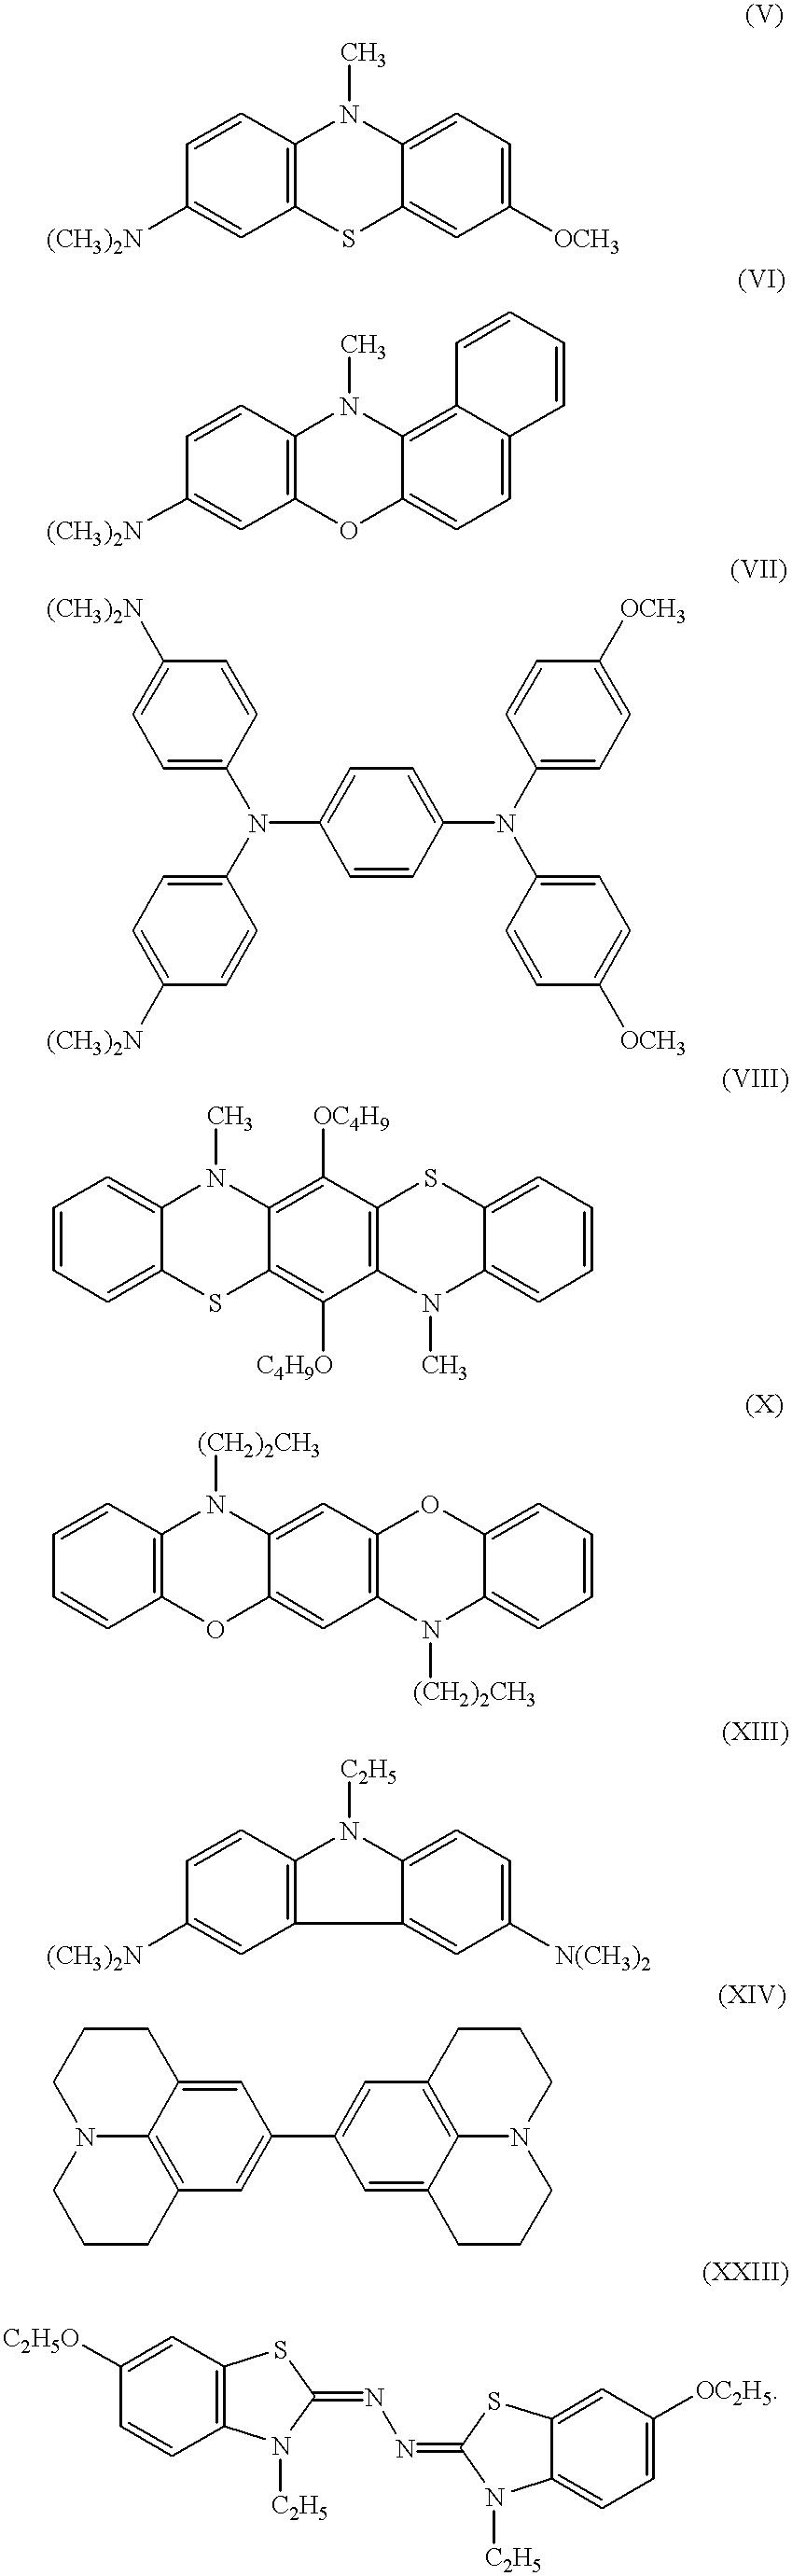 Figure US06193912-20010227-C00013